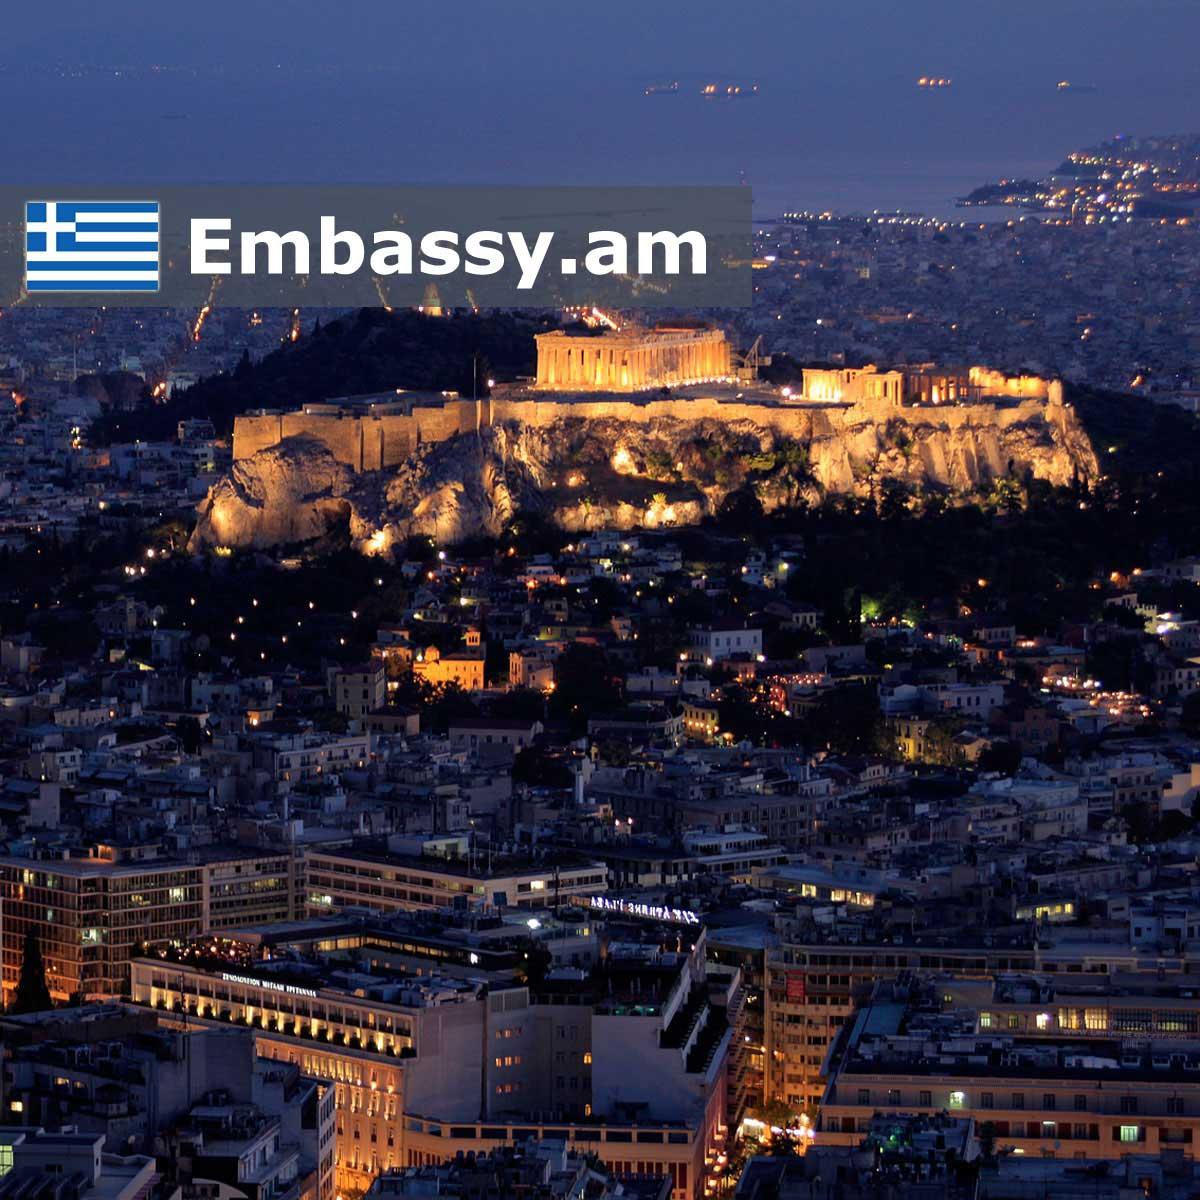 Աթենք - Հյուրանոցներ Հունաստանում - Embassy.am